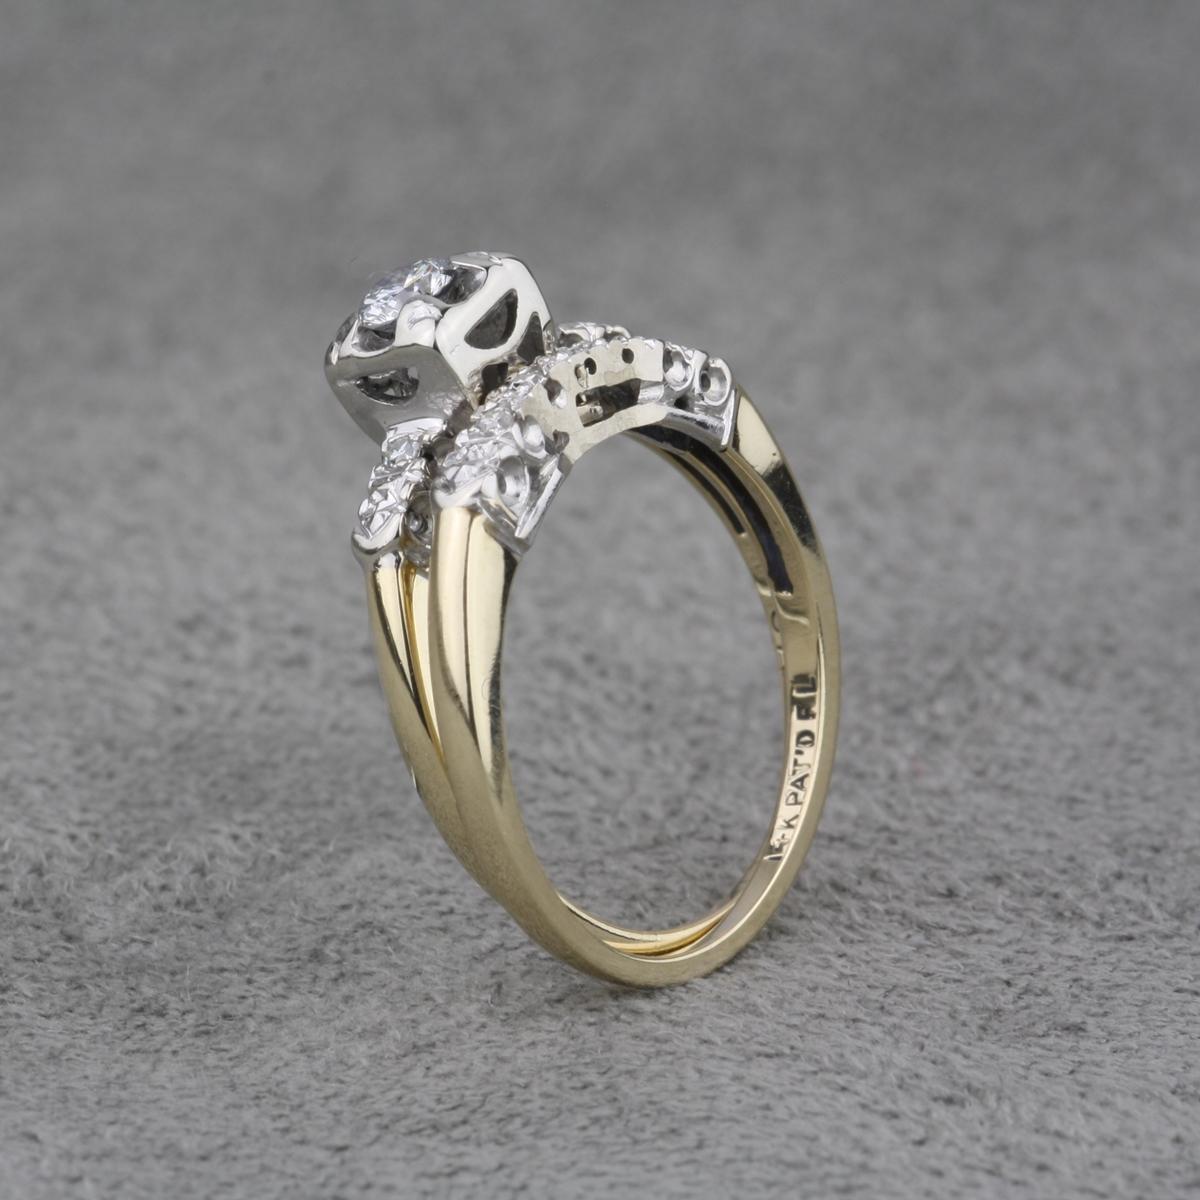 Vintage 14 Karat White And Yellow Gold Diamond Engagement Ring Set